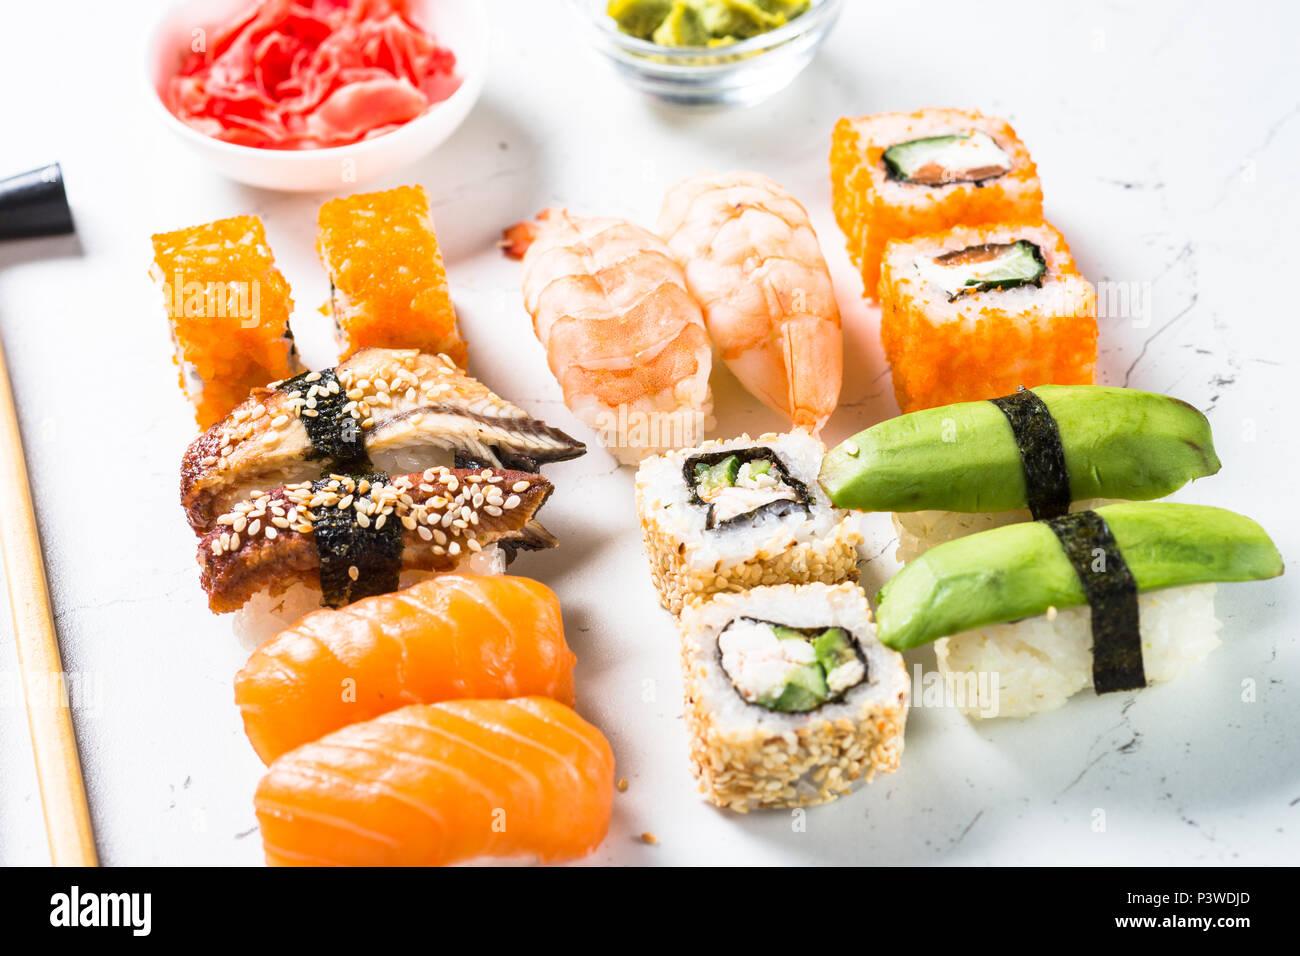 Sushi y sushi roll establecida sobre fondo blanco. La comida asiática tradicional. Imagen De Stock